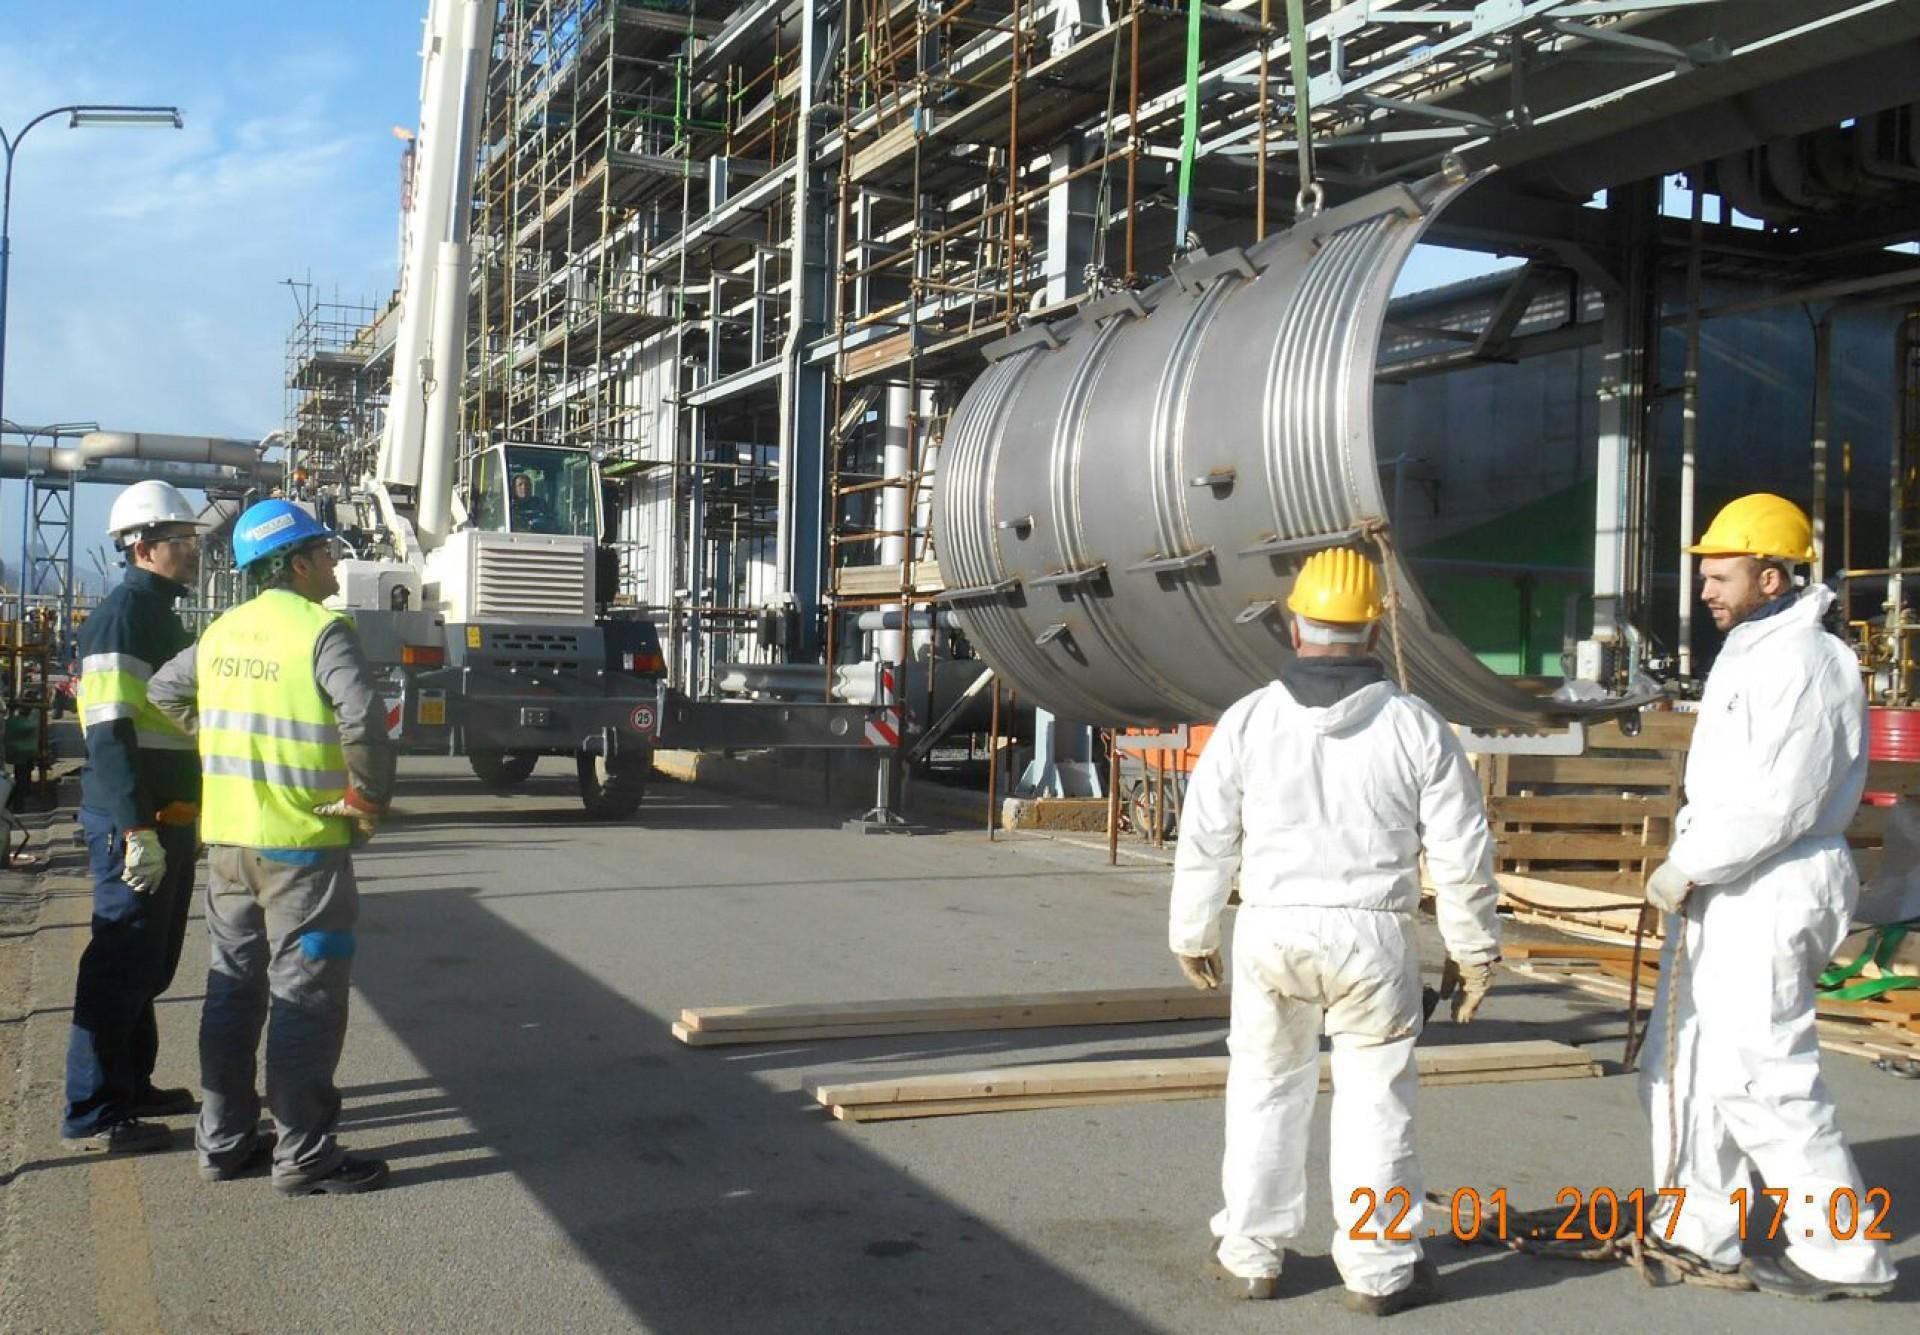 Reparación de emergencia en refinería